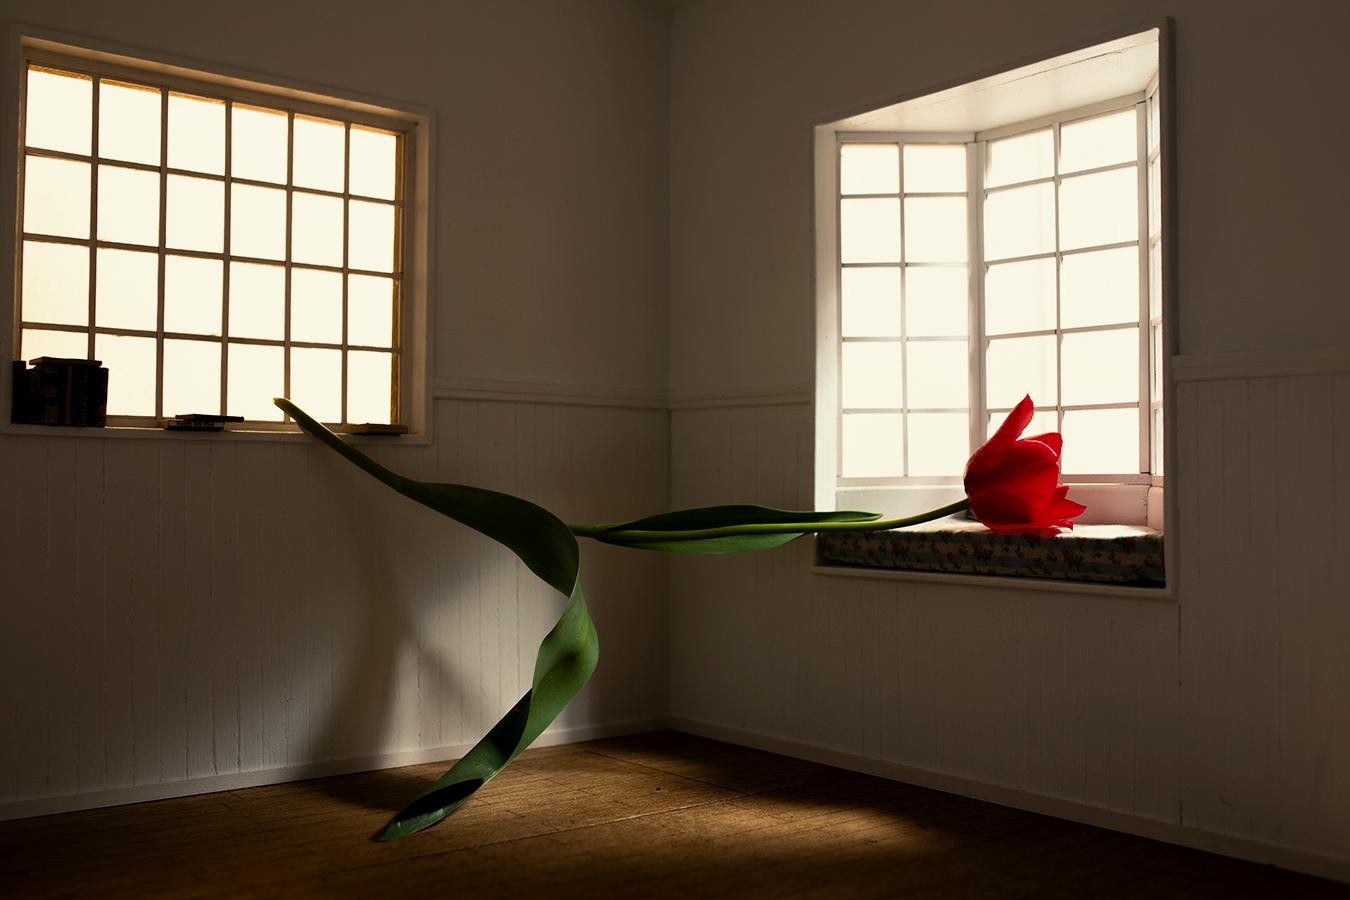 _P9A2437-fiore-giorno13a